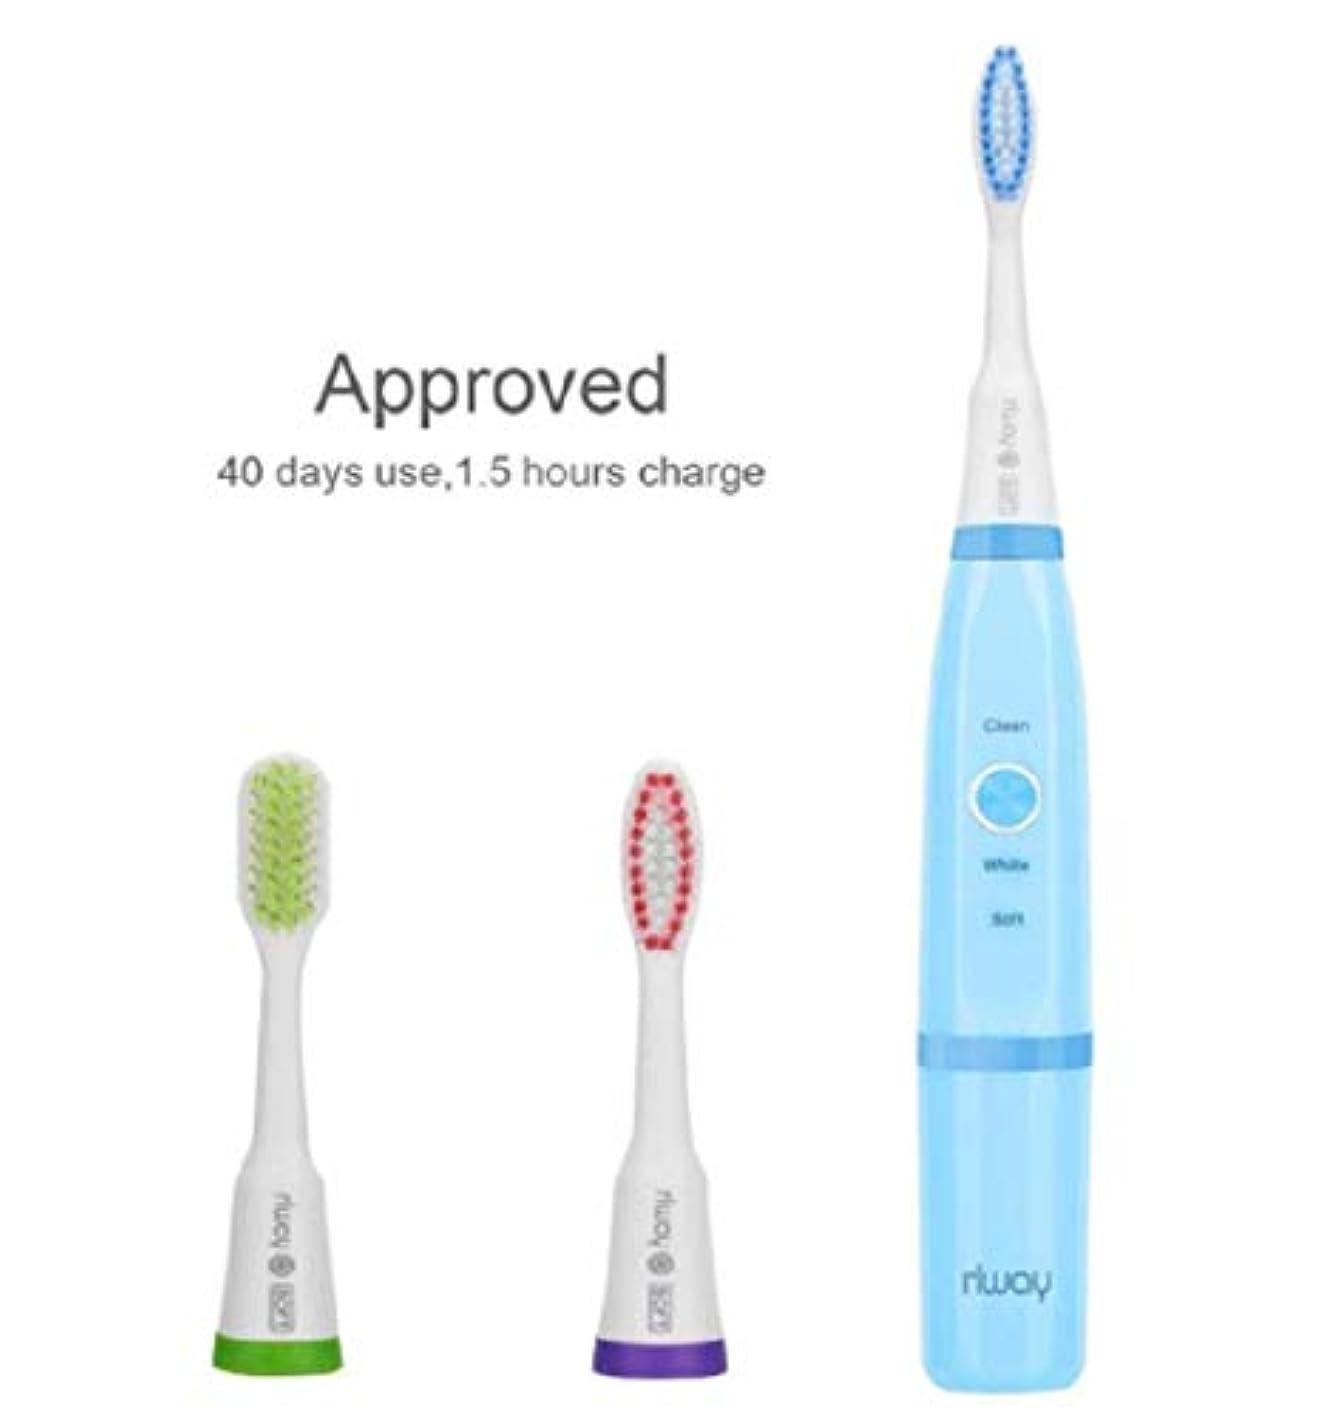 タンパク質シャイニング六電動歯ブラシ rlway 超音波電動歯ブラシ IPX7防水 USB充電式 替えブラシ3本 プロテクトクリーン 歯ブラシ ハブラシ 子供大人に適用 ブルー